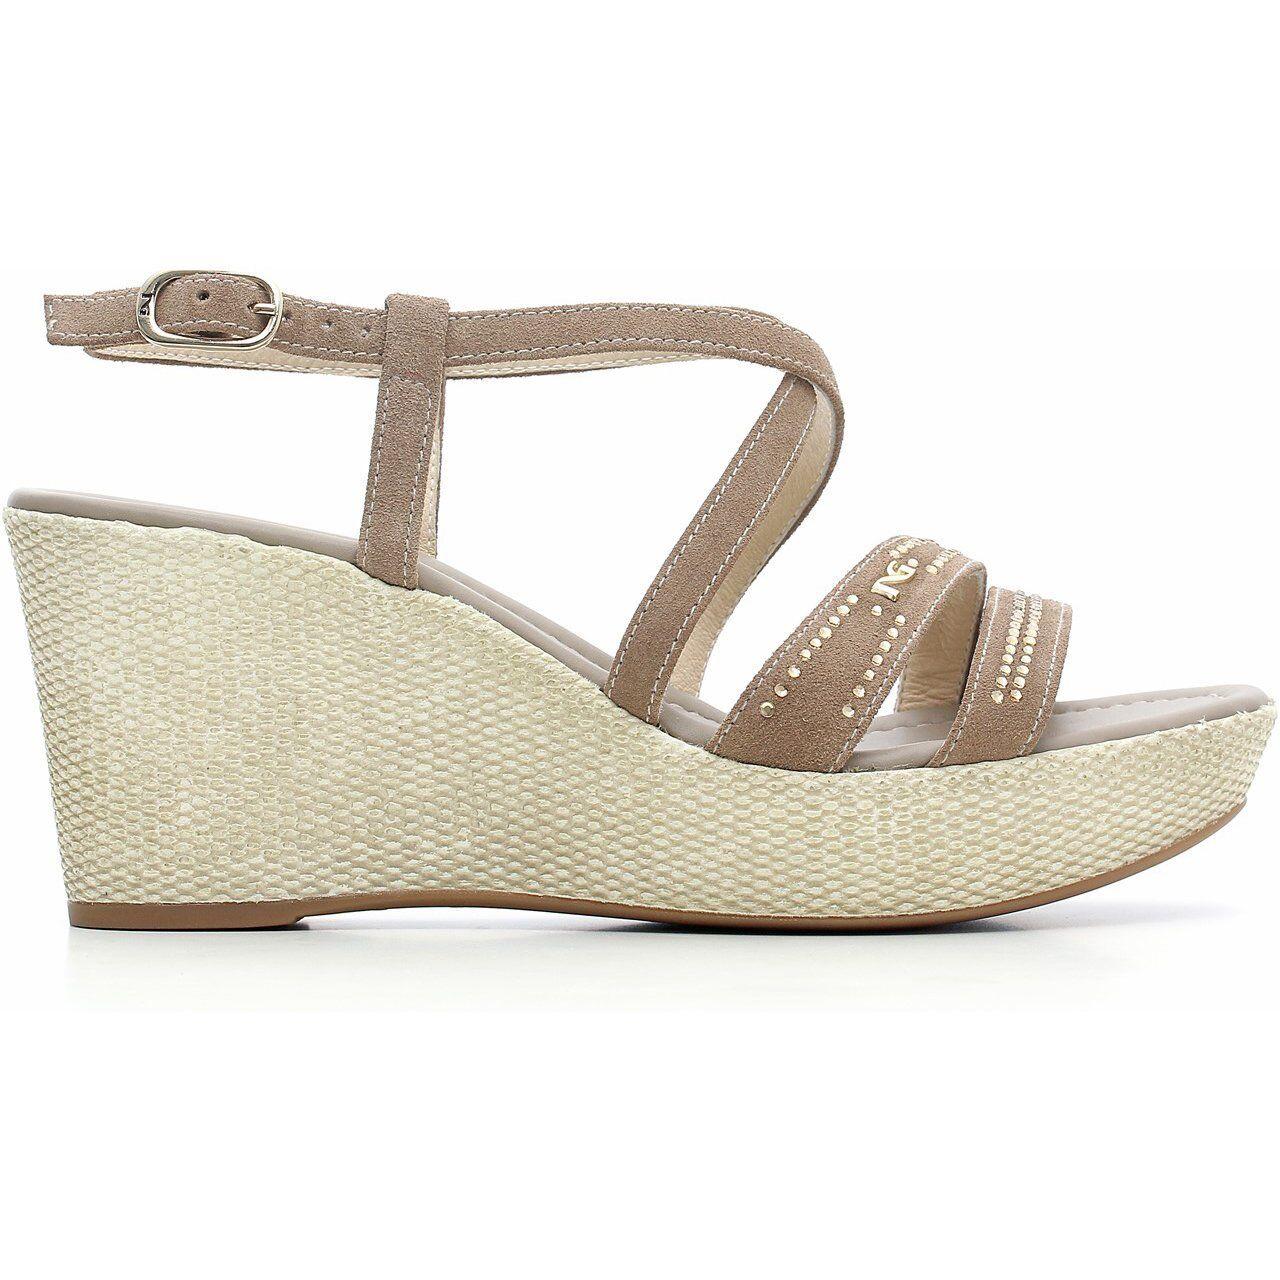 Sandalo NeroGiardini P615624D P615624D P615624D nuova collezione estate zeppa e plateau 057d90